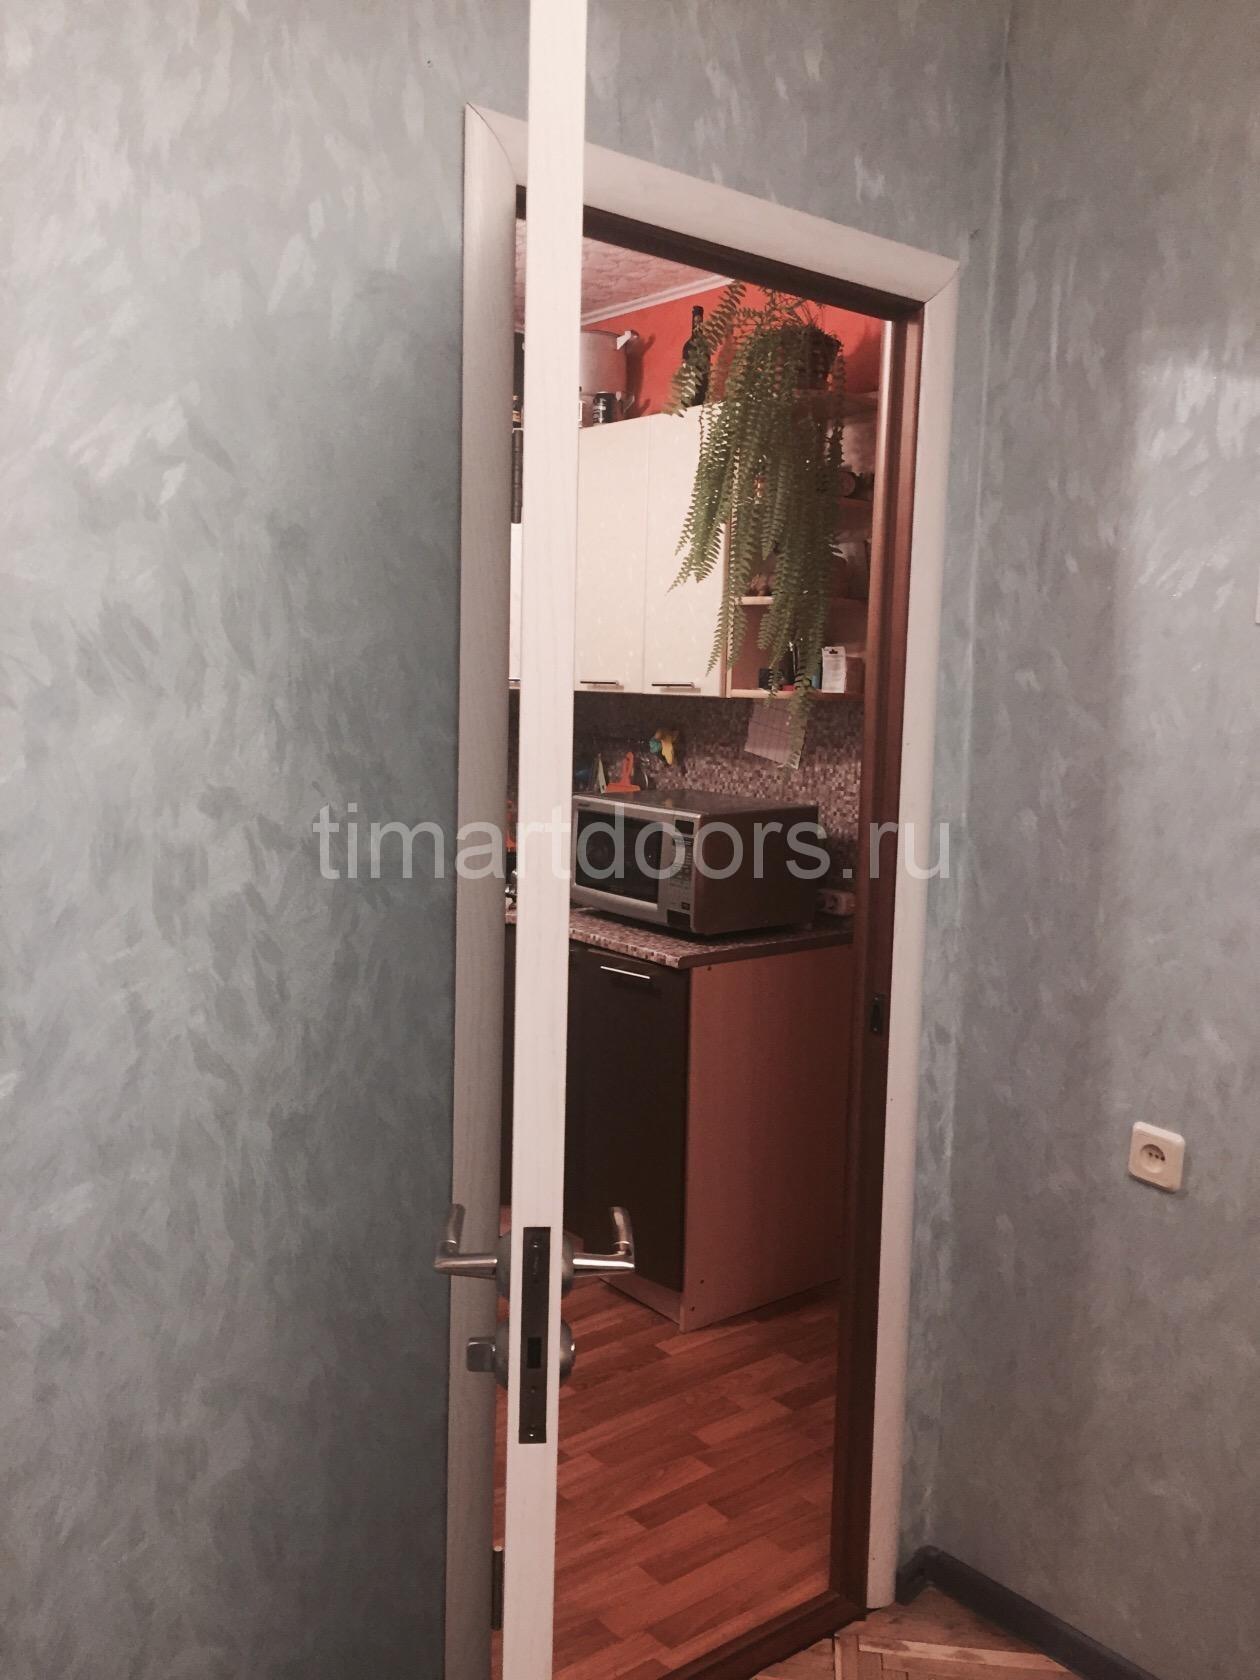 Двух сторонняя дверь.установлена на ВНИИПО